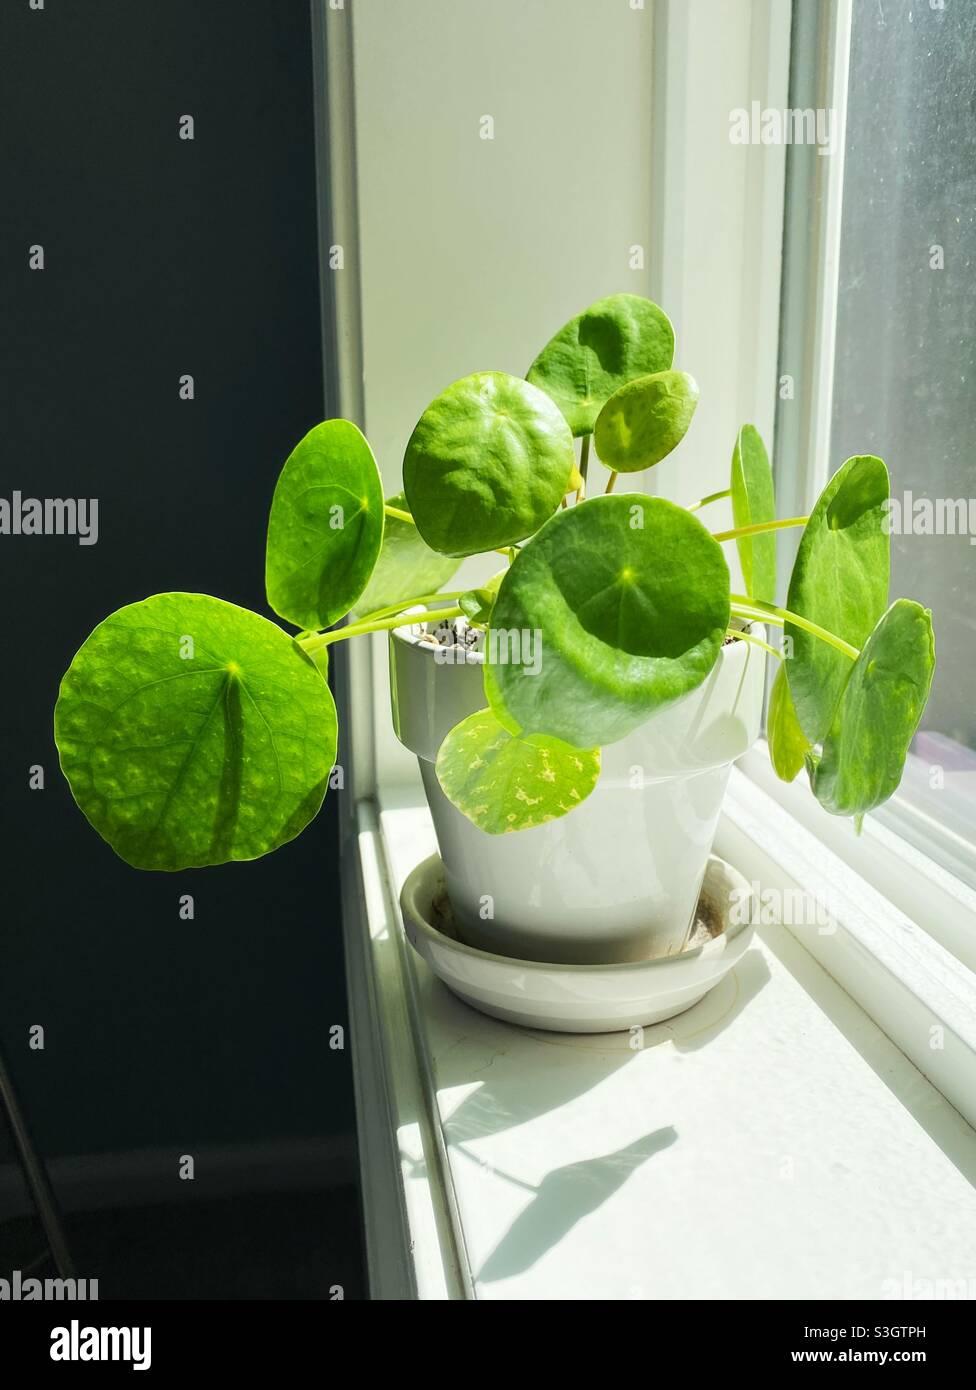 Eine Pilea peperomioides Pflanze auf einer Fensterbank. Stockfoto